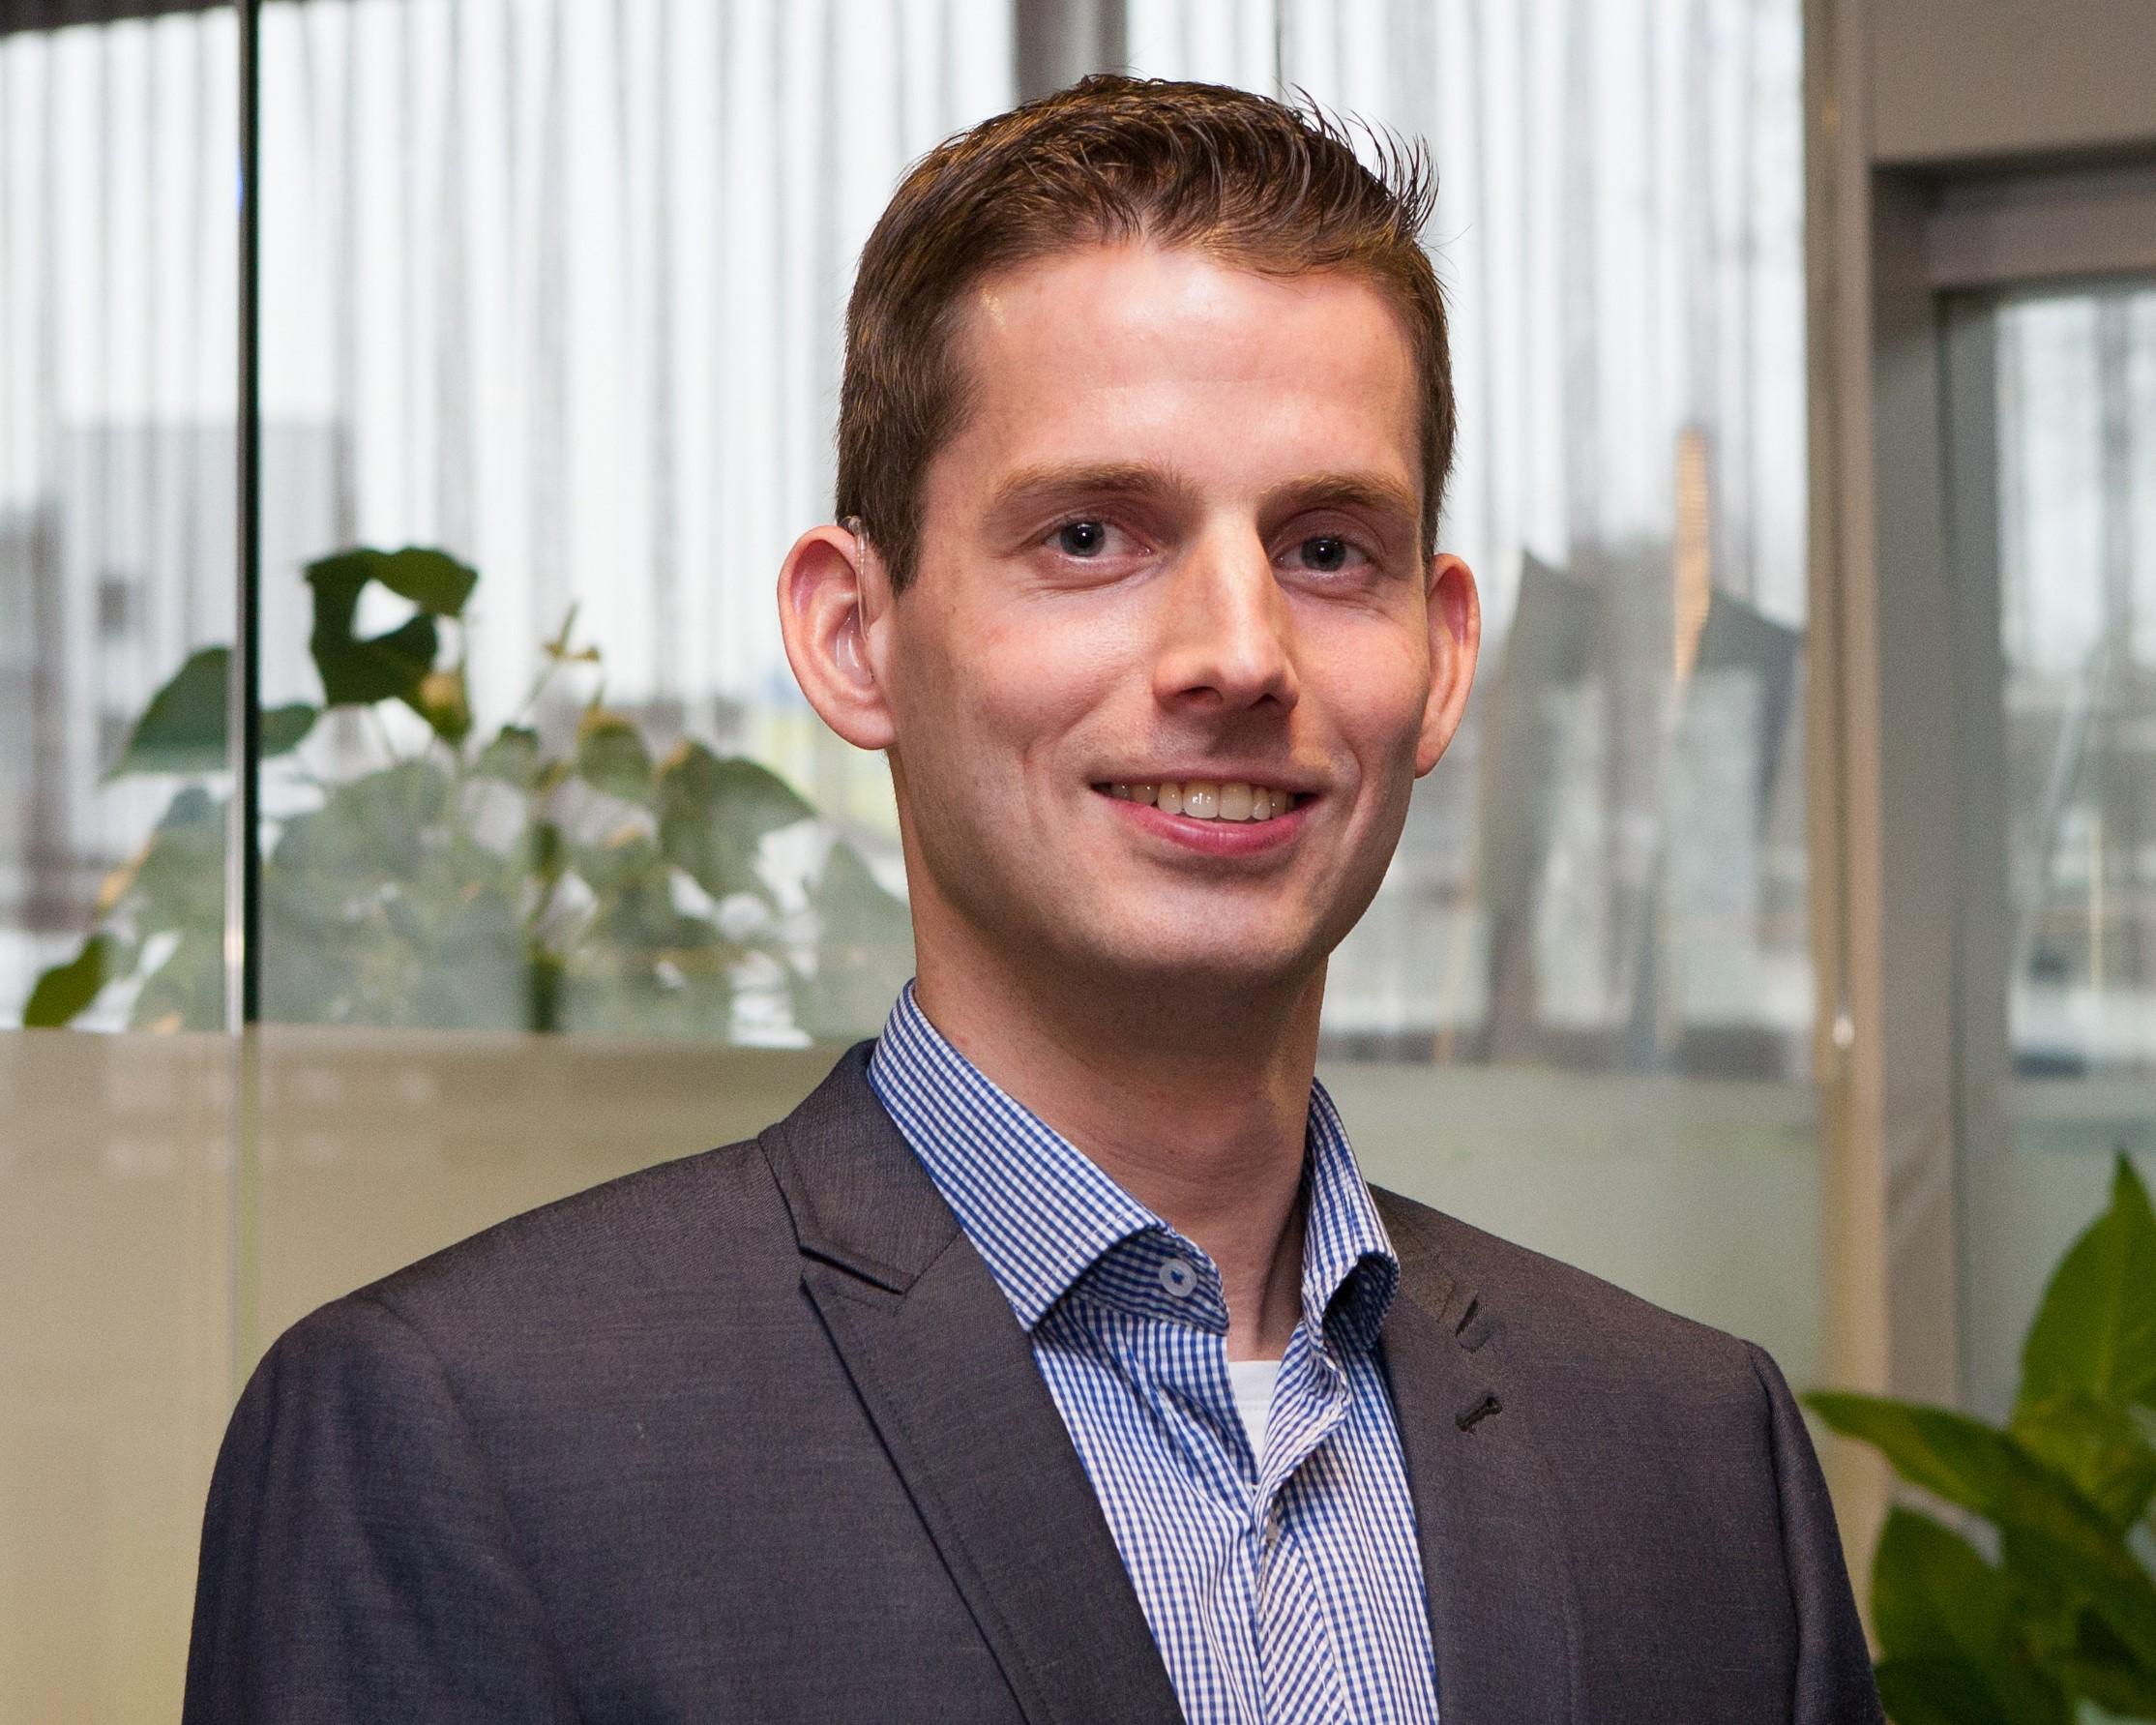 Laurens van der Blom, Autor des Artikels, wie Informationen im digitalen Zeitalter gesichert werden können.